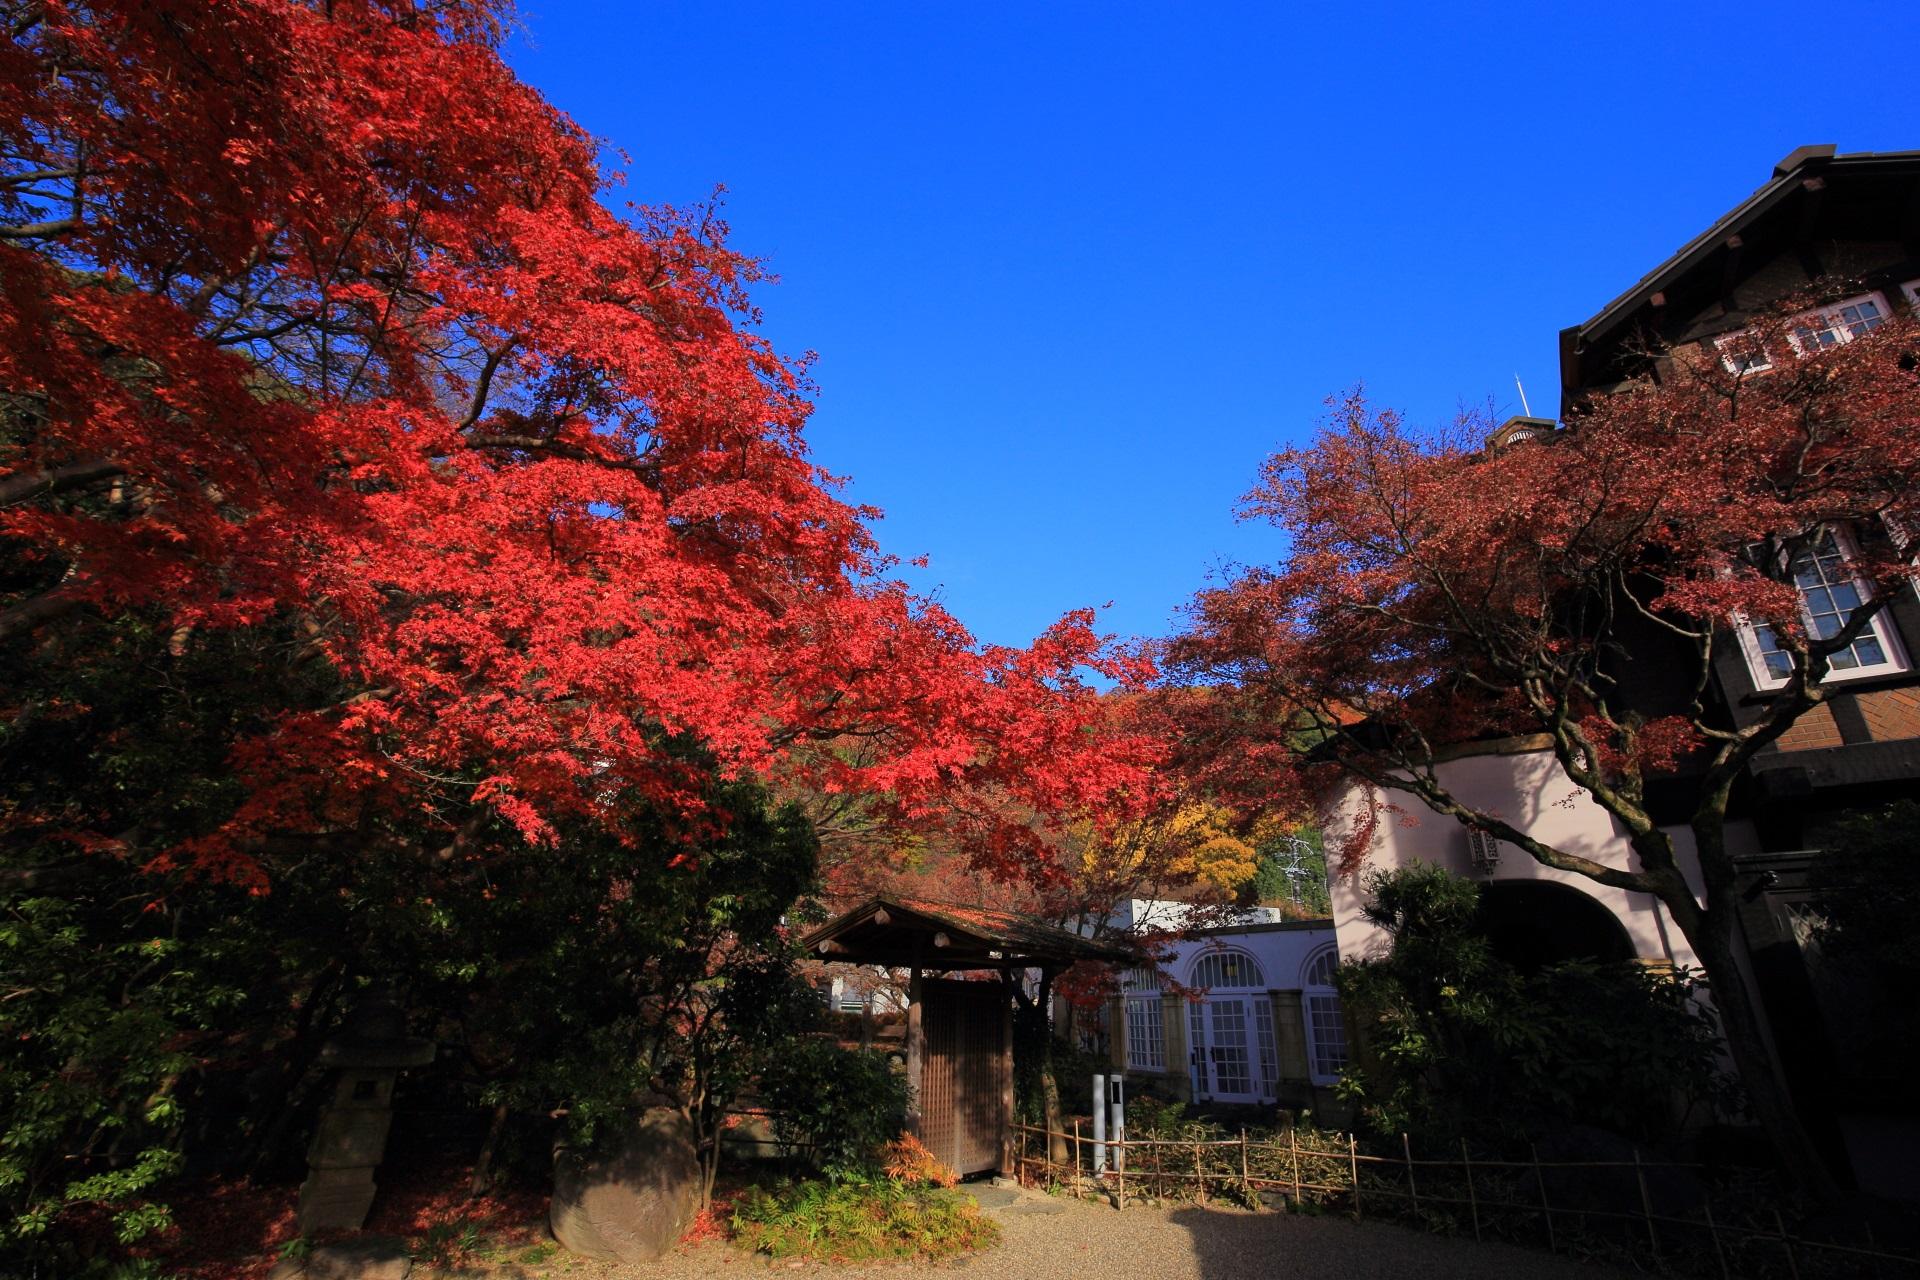 本館の入口付近を彩る鮮やかな紅葉